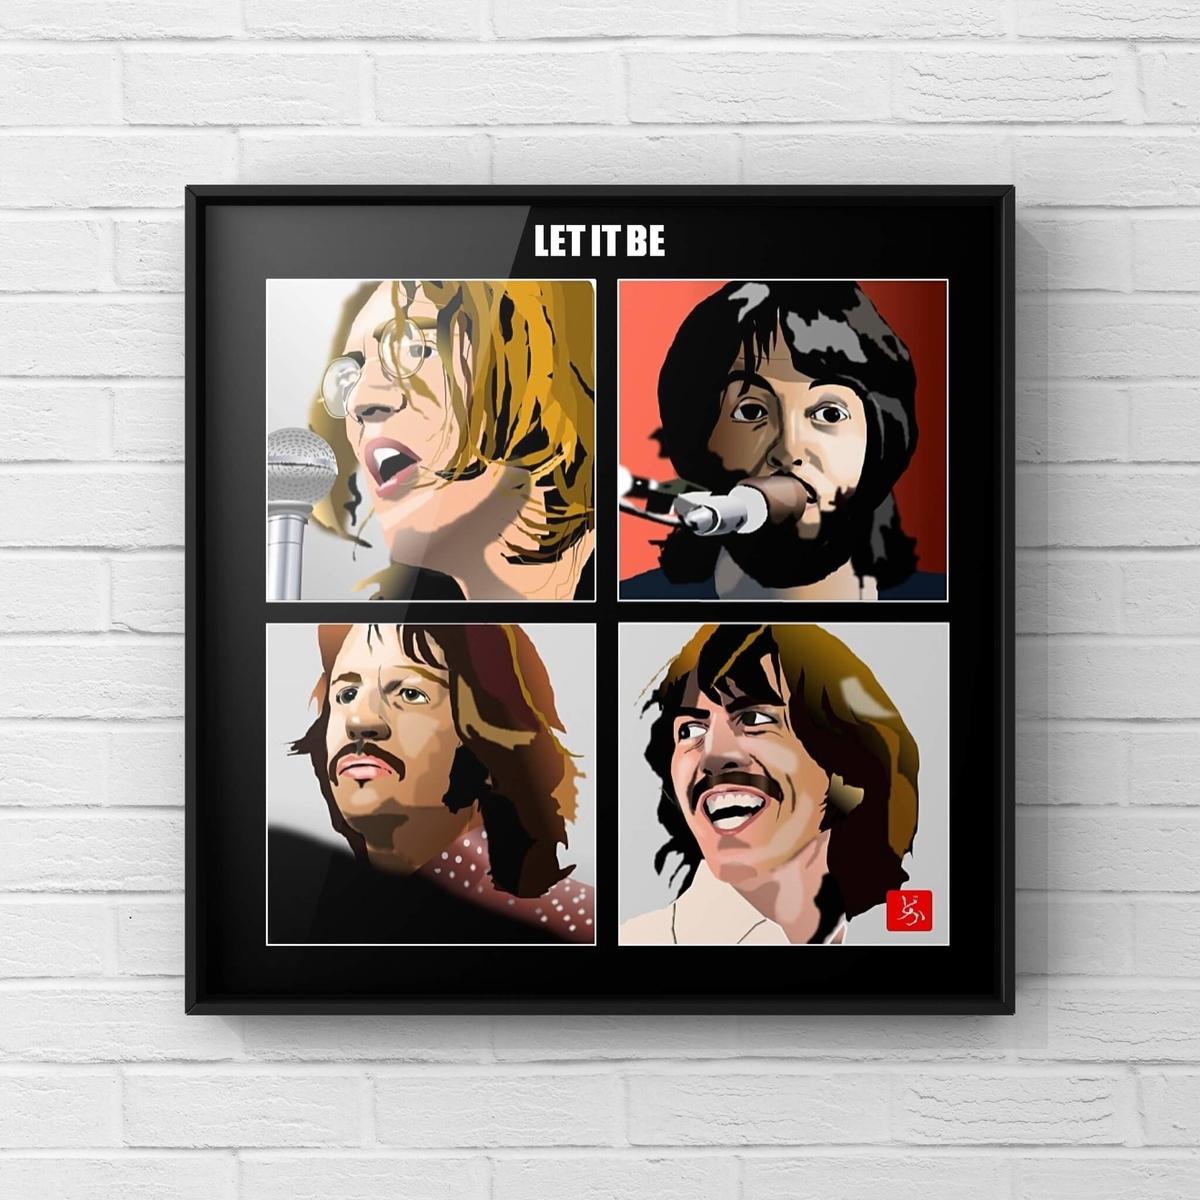 ビートルズの「レット・イット・ビー」のエクセル画イラスト額装版